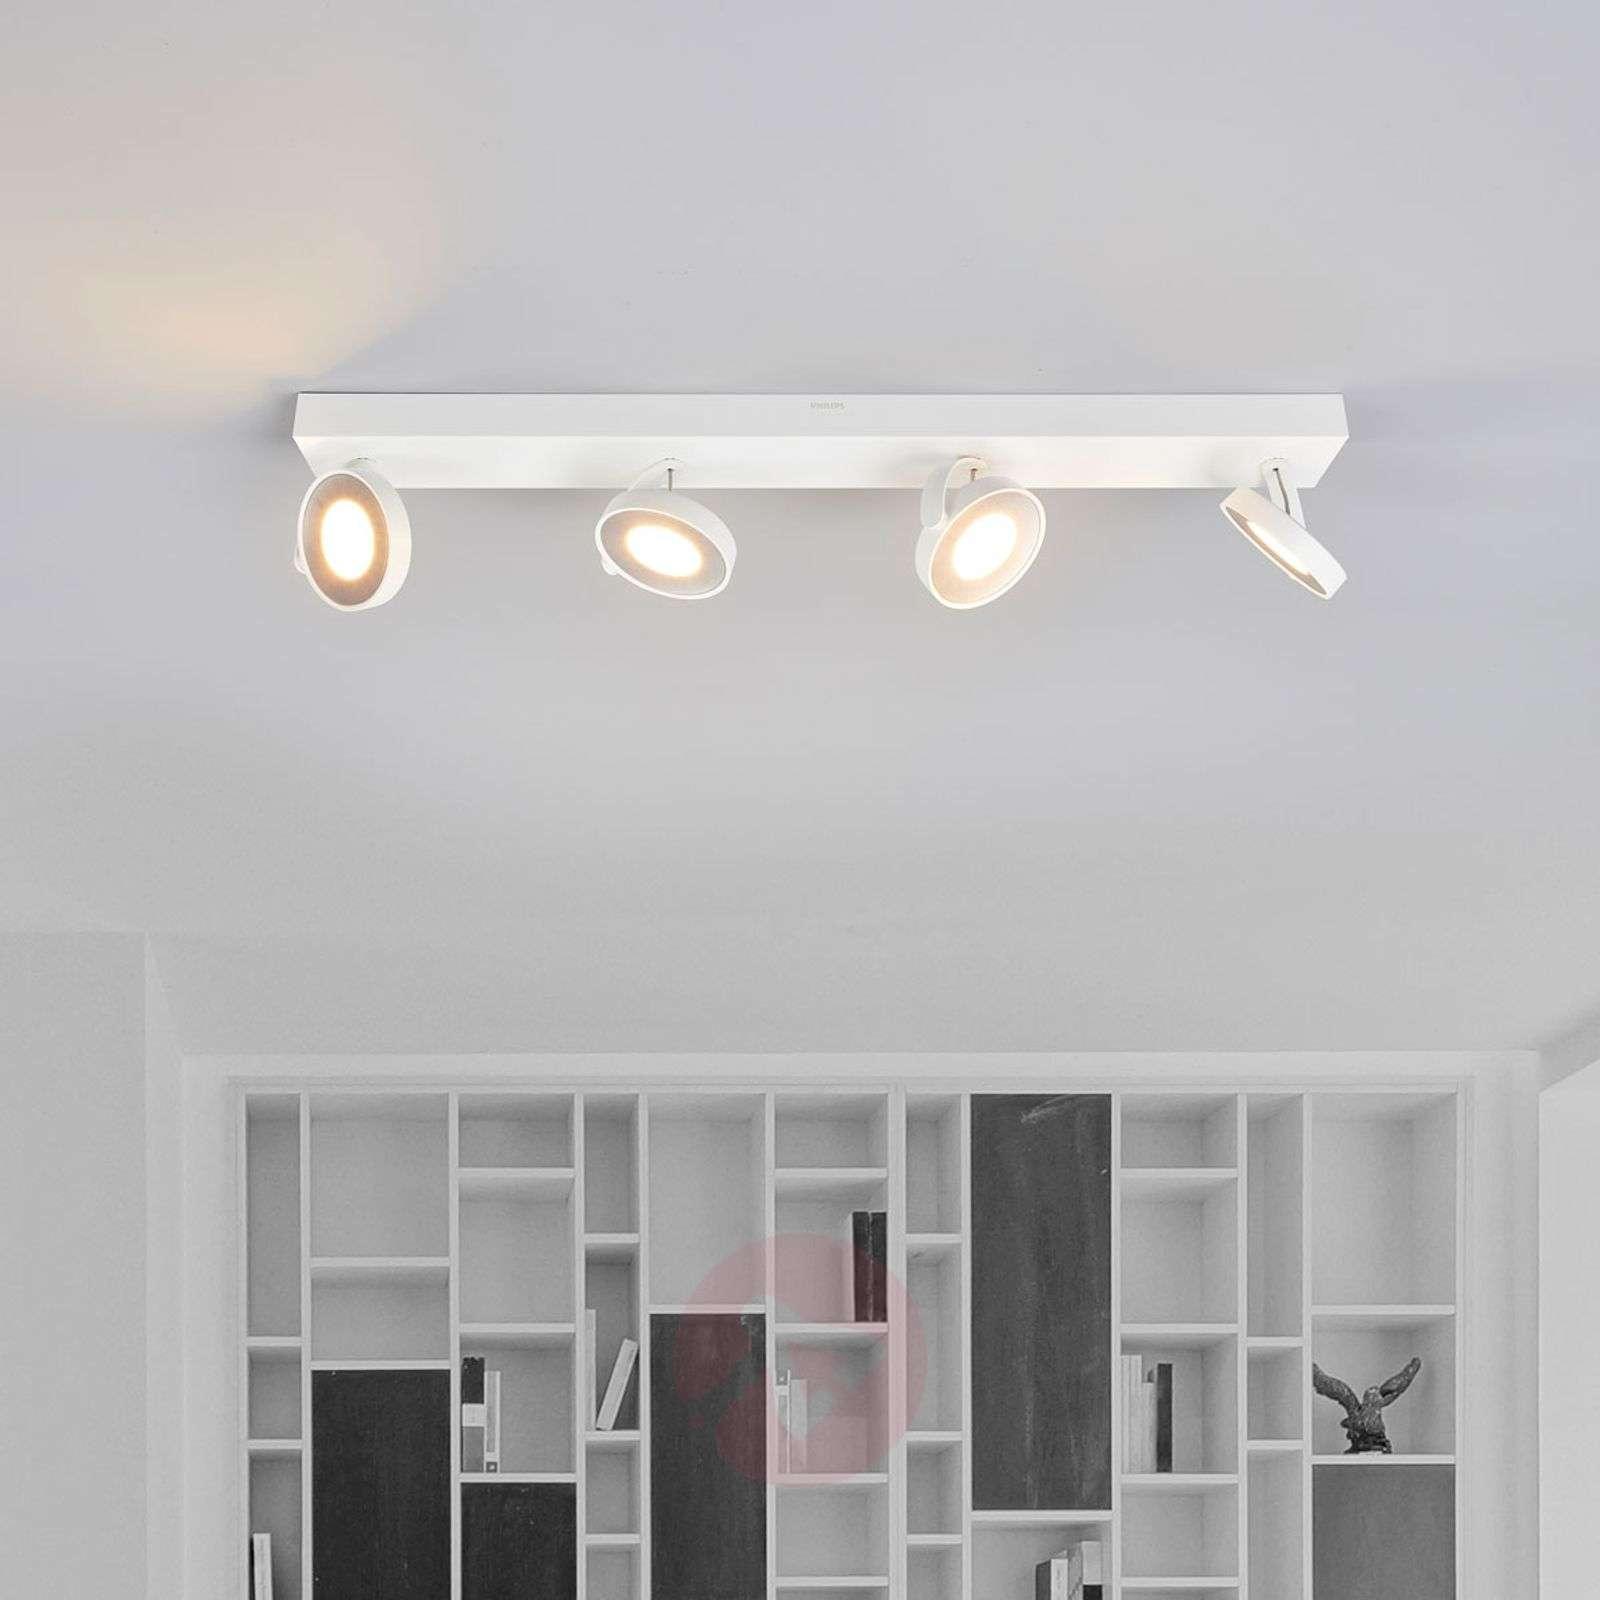 Valkoinen LED-kattokohdevalo Clockwork-7531737-01